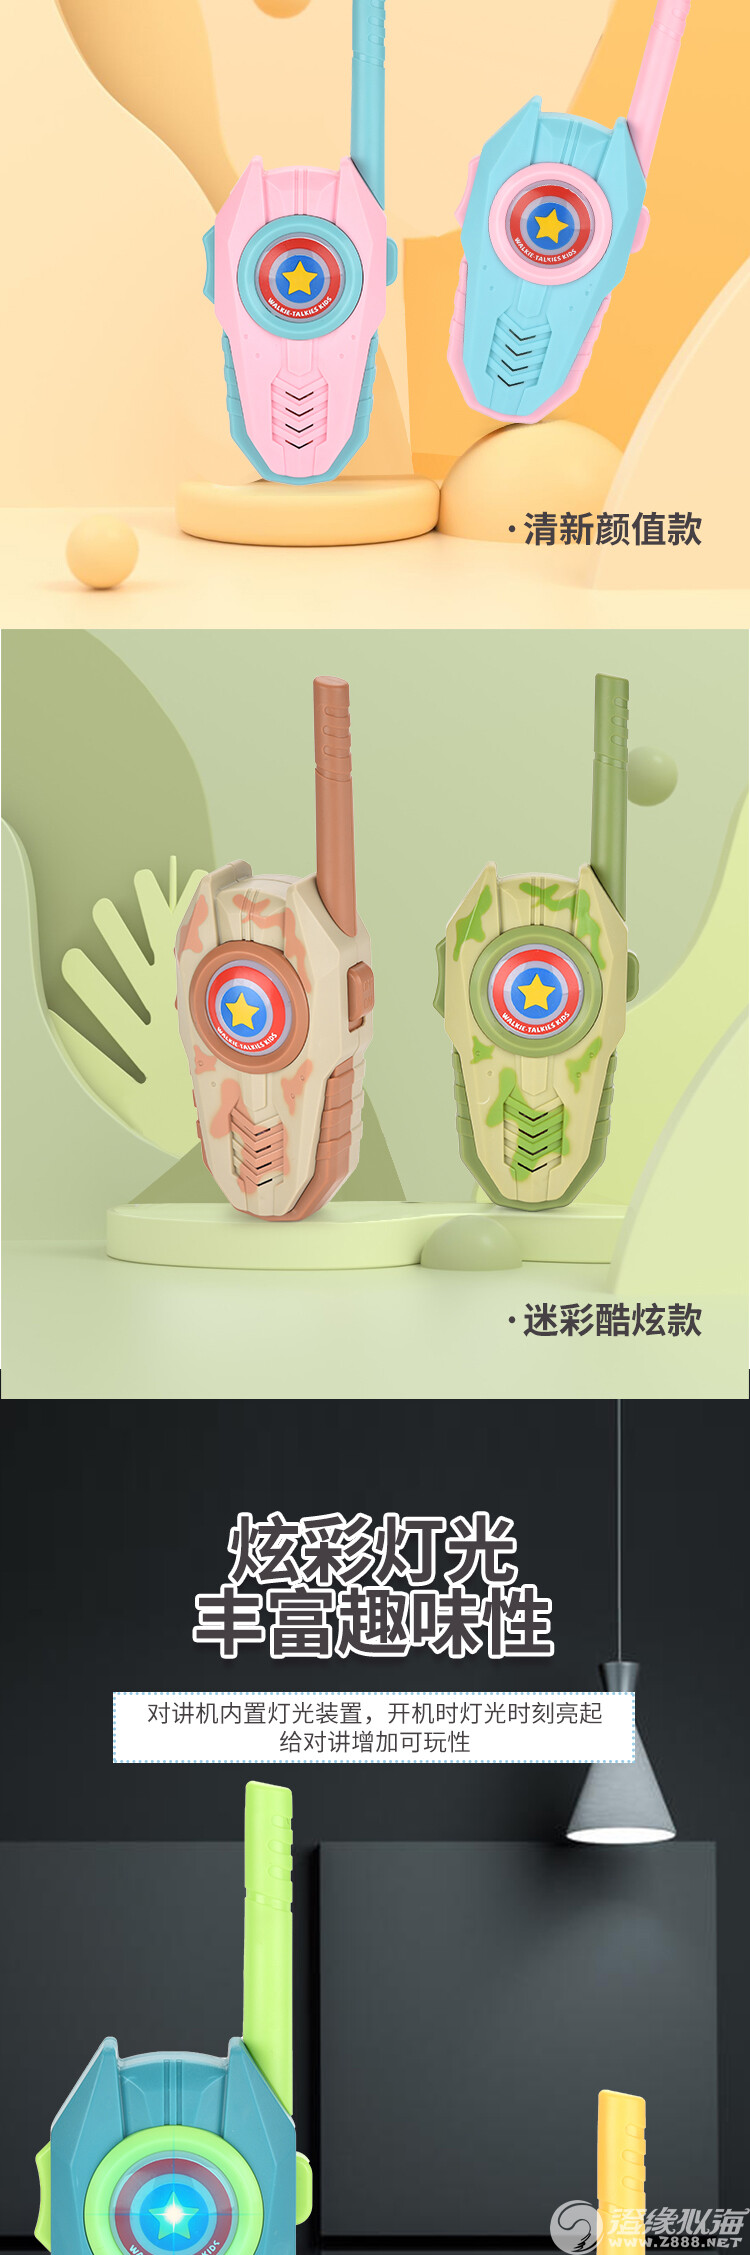 润龙玩具厂-儿童对讲机-中文版详情_05.jpg